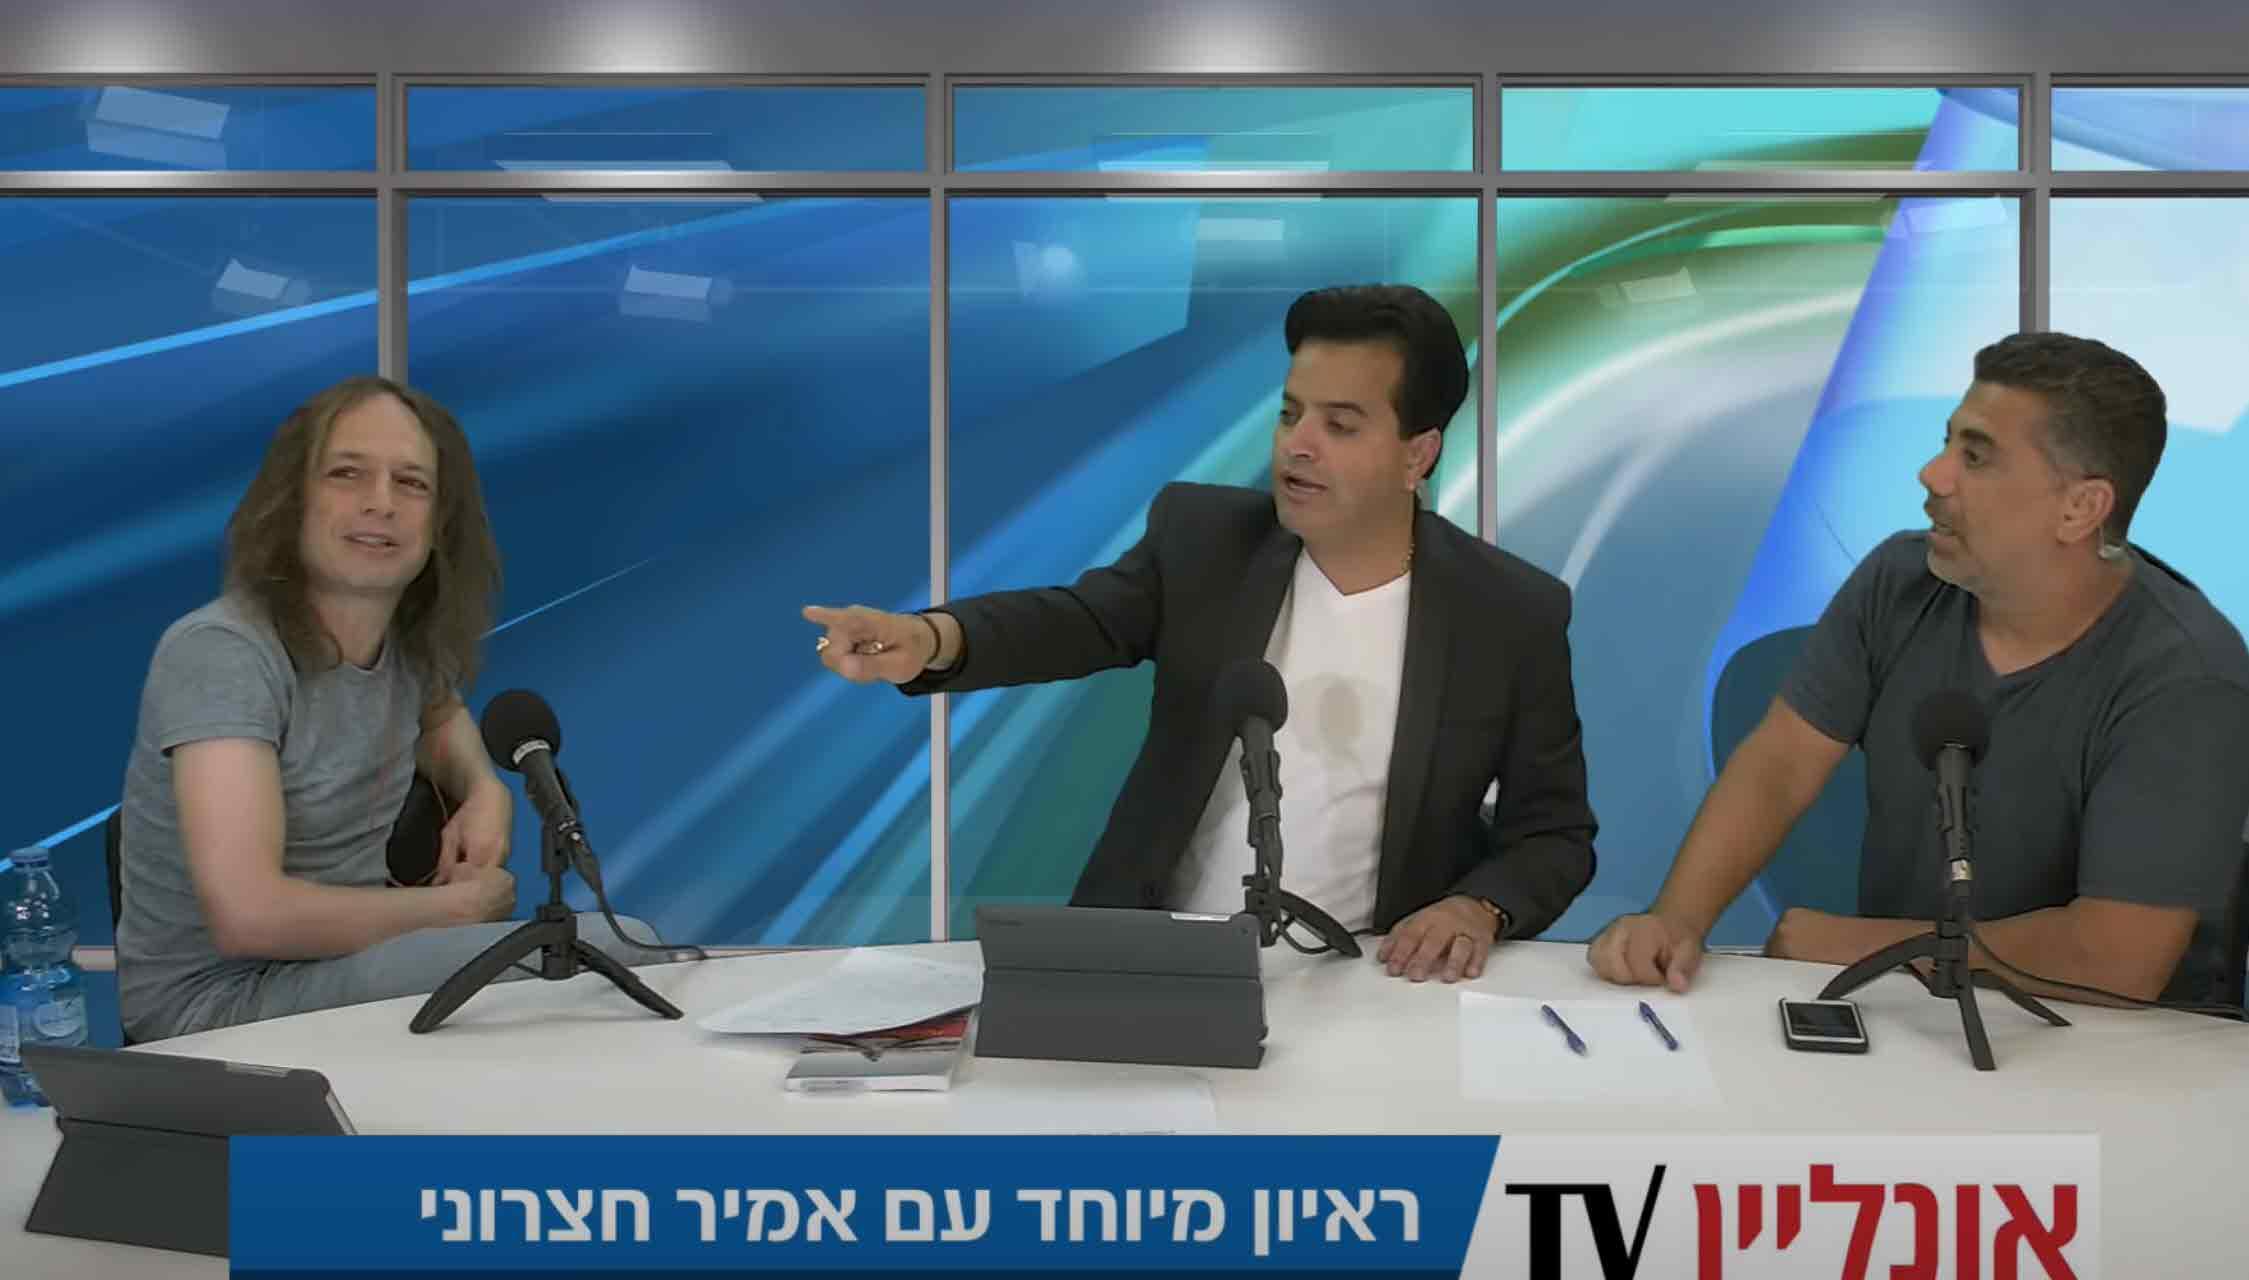 """איומים בשידור לחייו של אמיר חצרוני? """"בא עם אקדח יורה לו במח"""""""